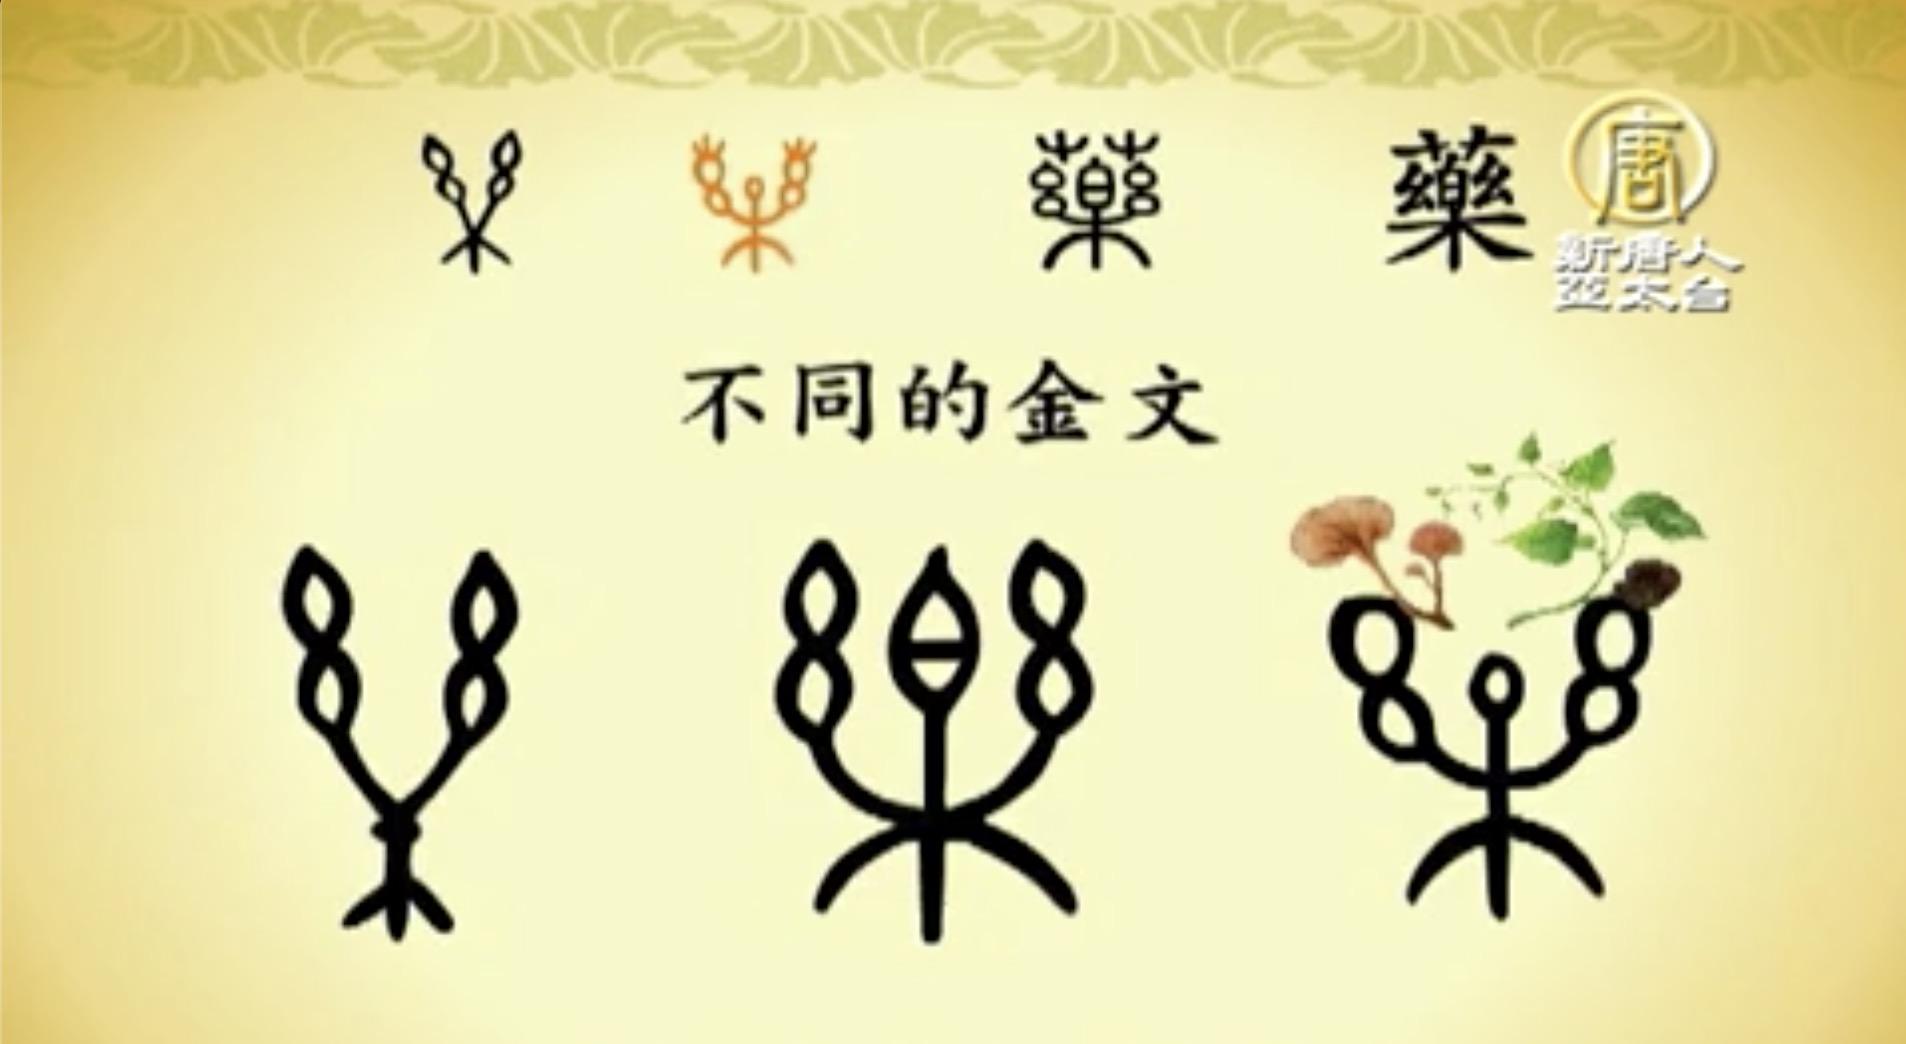 漢字動畫《悠遊字在》:說藥